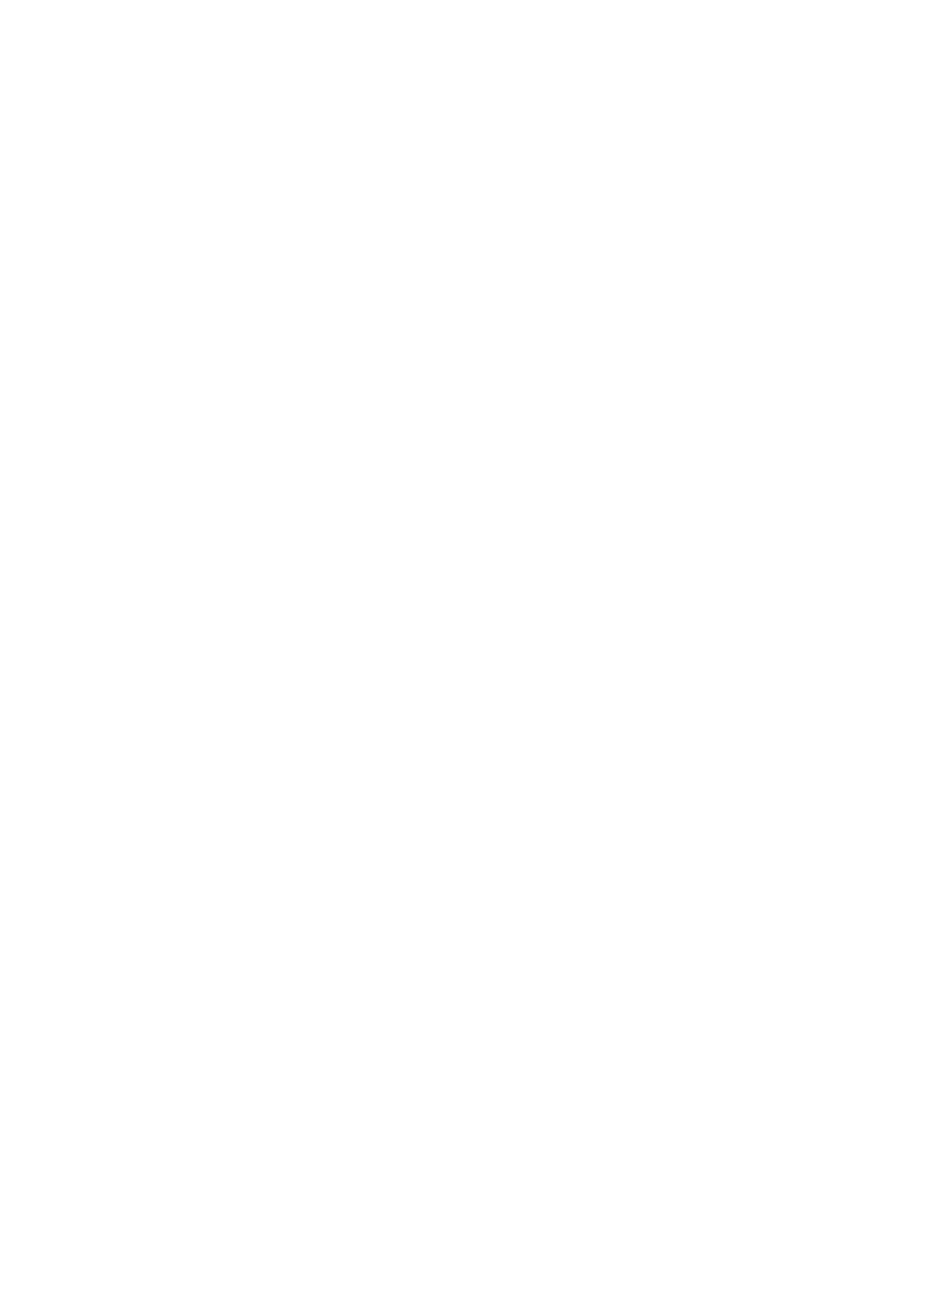 Tese Onze